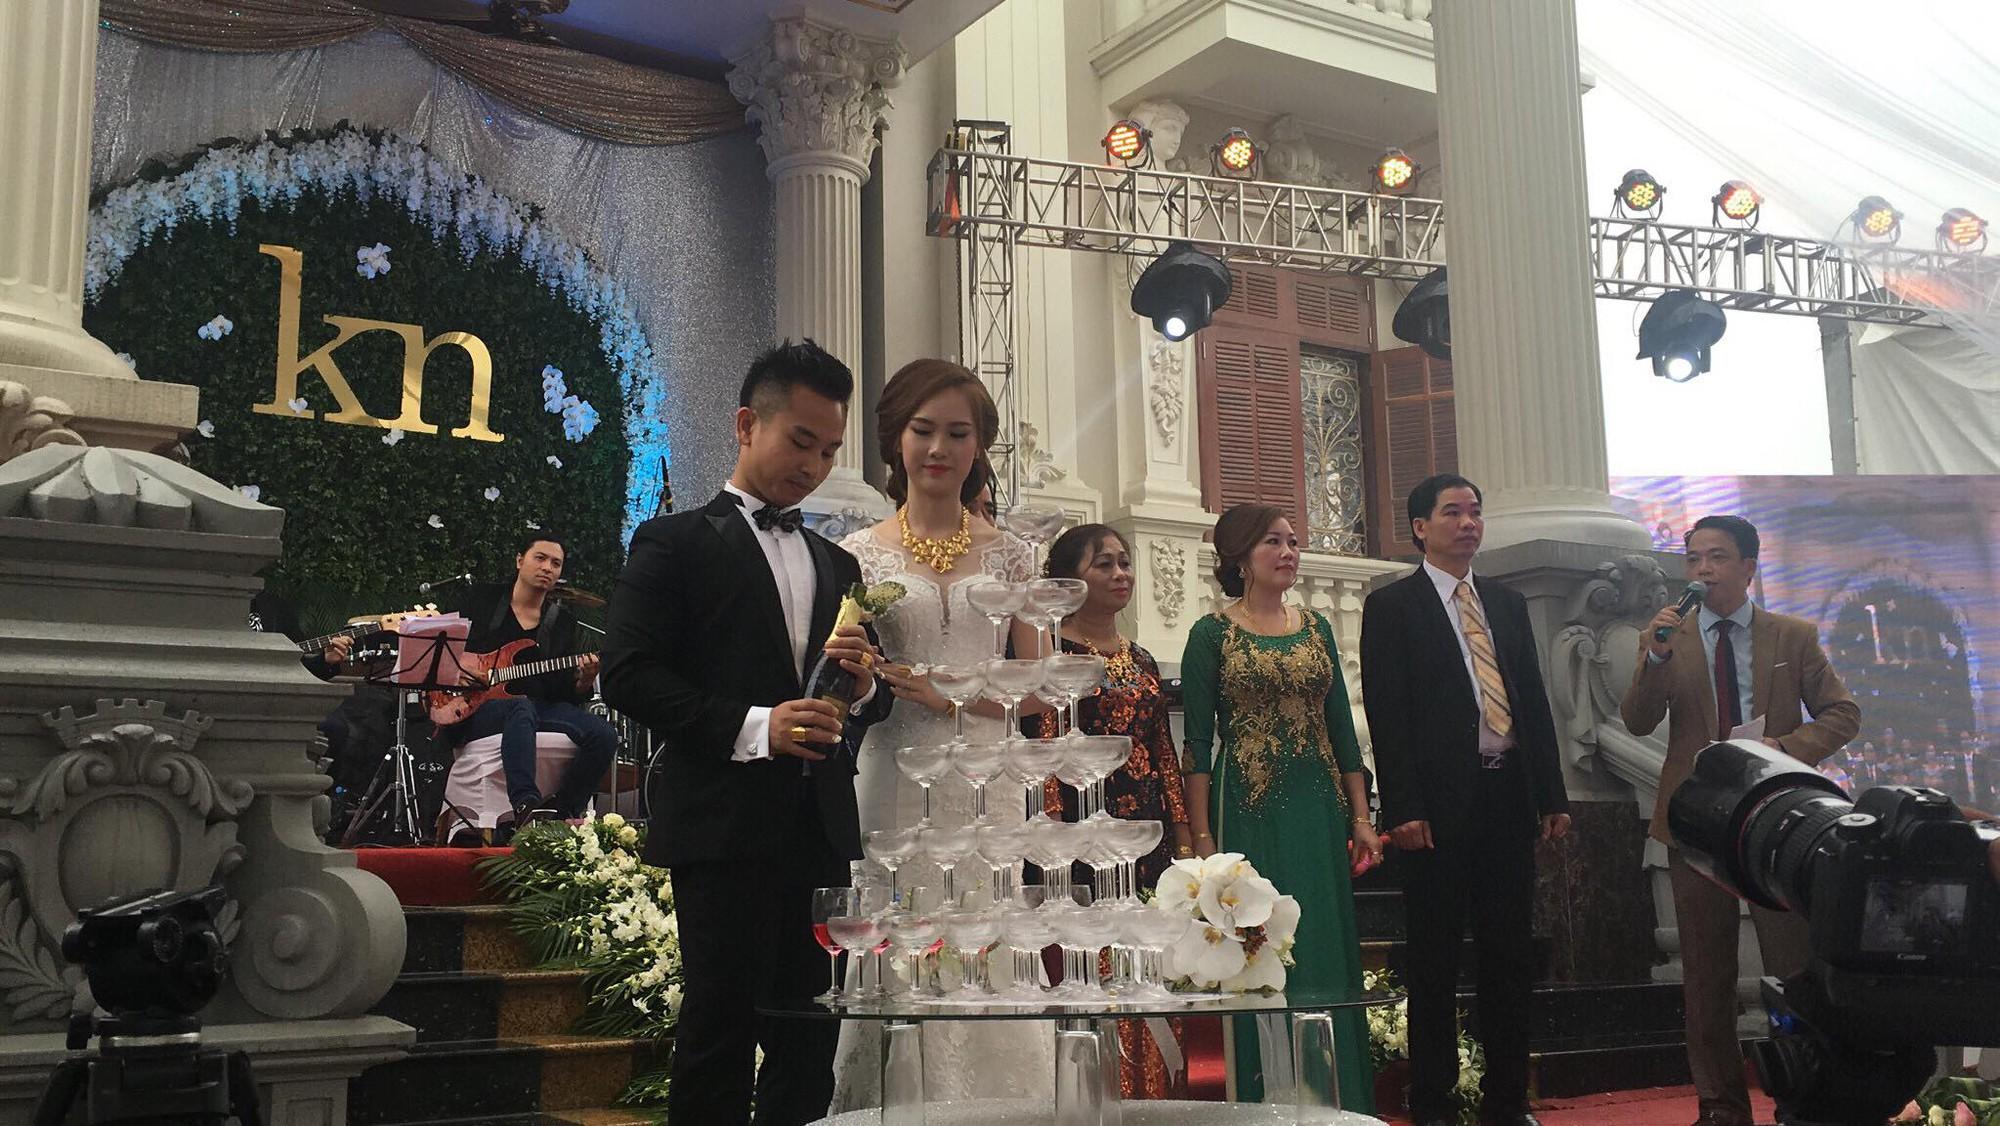 Đám cưới tại lâu đài trăm tỷ, rước dâu bằng Rolls-Royce và máy bay: Nam Định xứng đáng đứng đầu về độ chịu chơi tổ chức đám cưới - Ảnh 9.